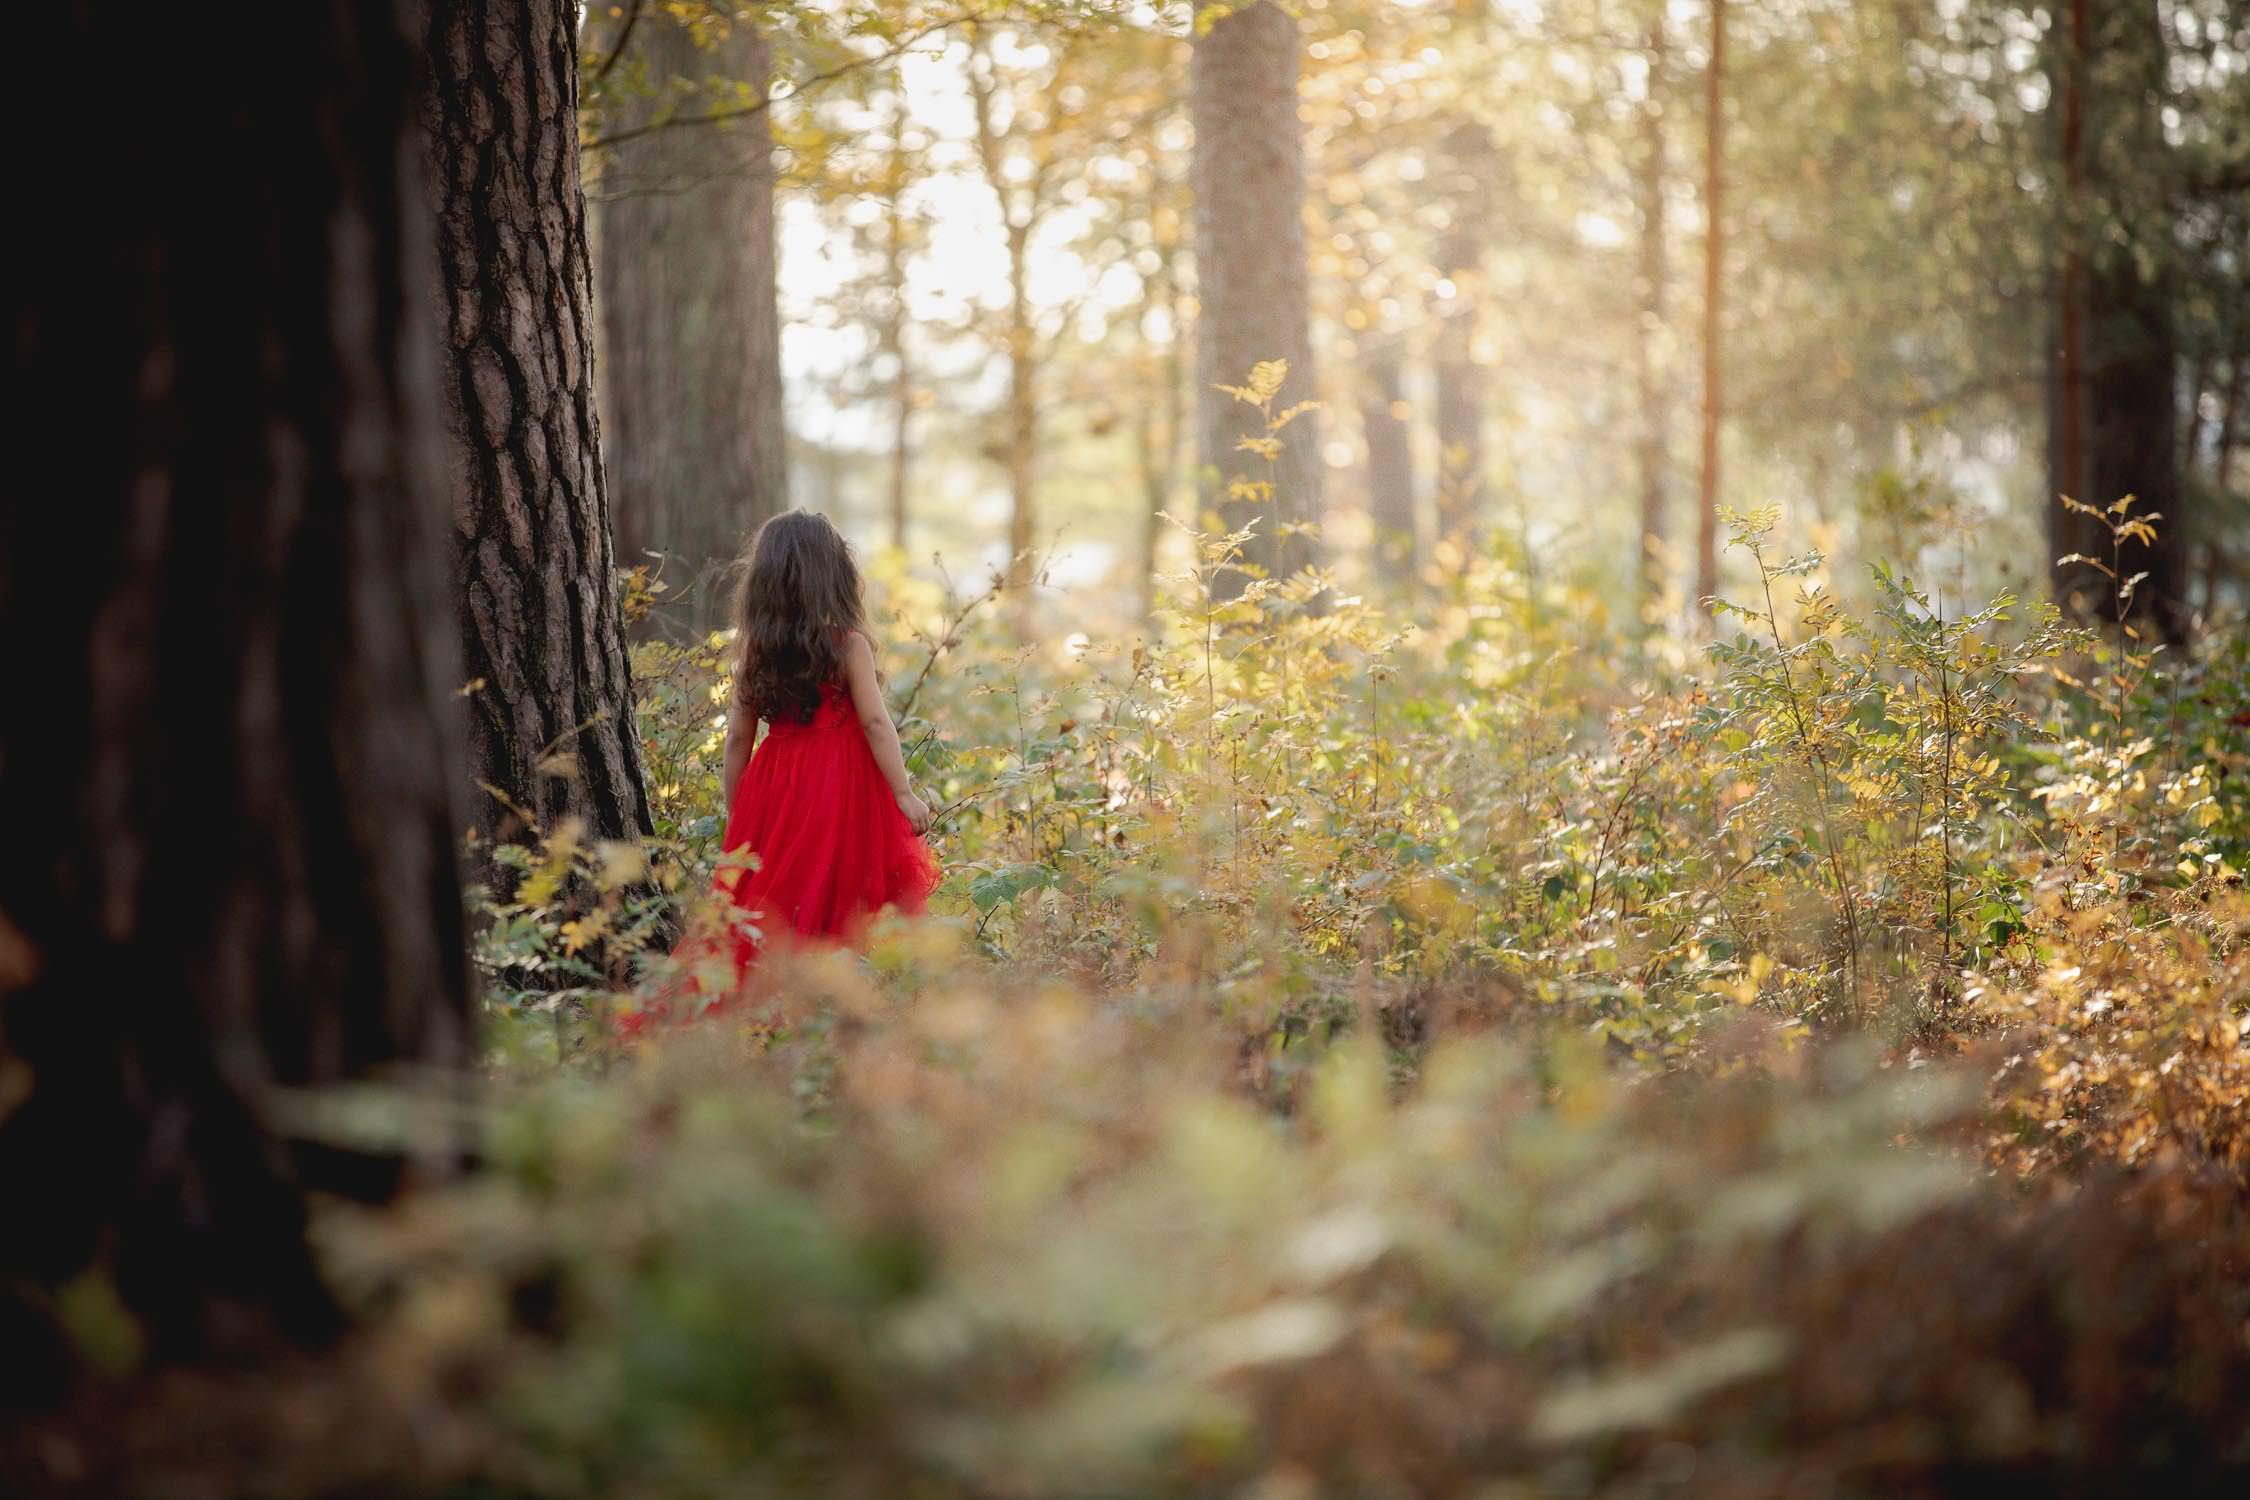 barn-ettaar-1-barnefotograf-barnefotografering-to-fotograf--0102.jpg